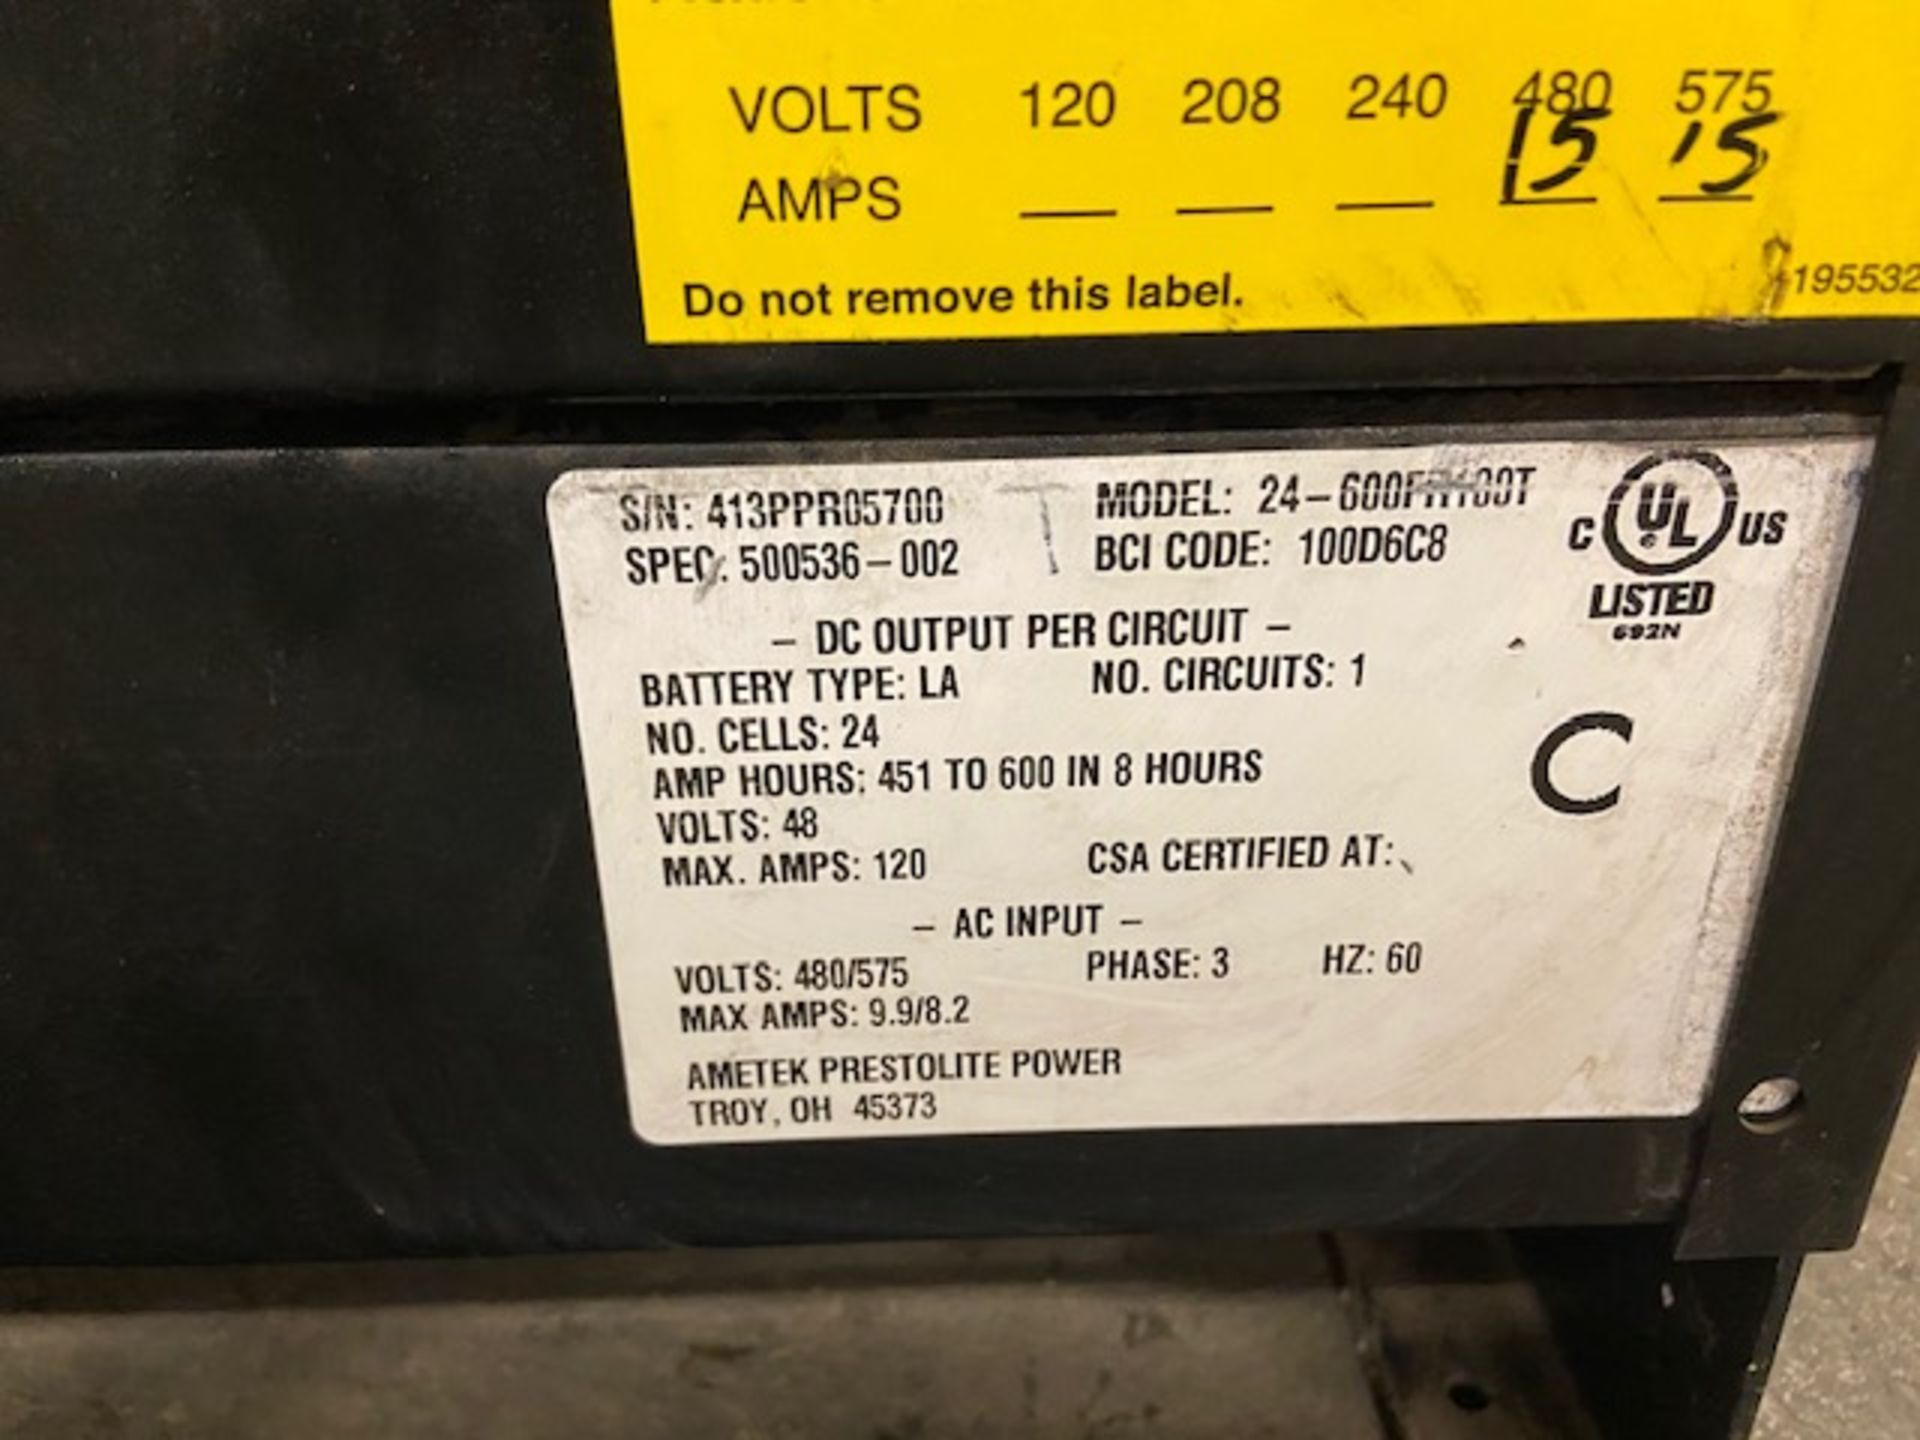 Power Pro forklift battery charger 48V output 600V input - Image 2 of 2